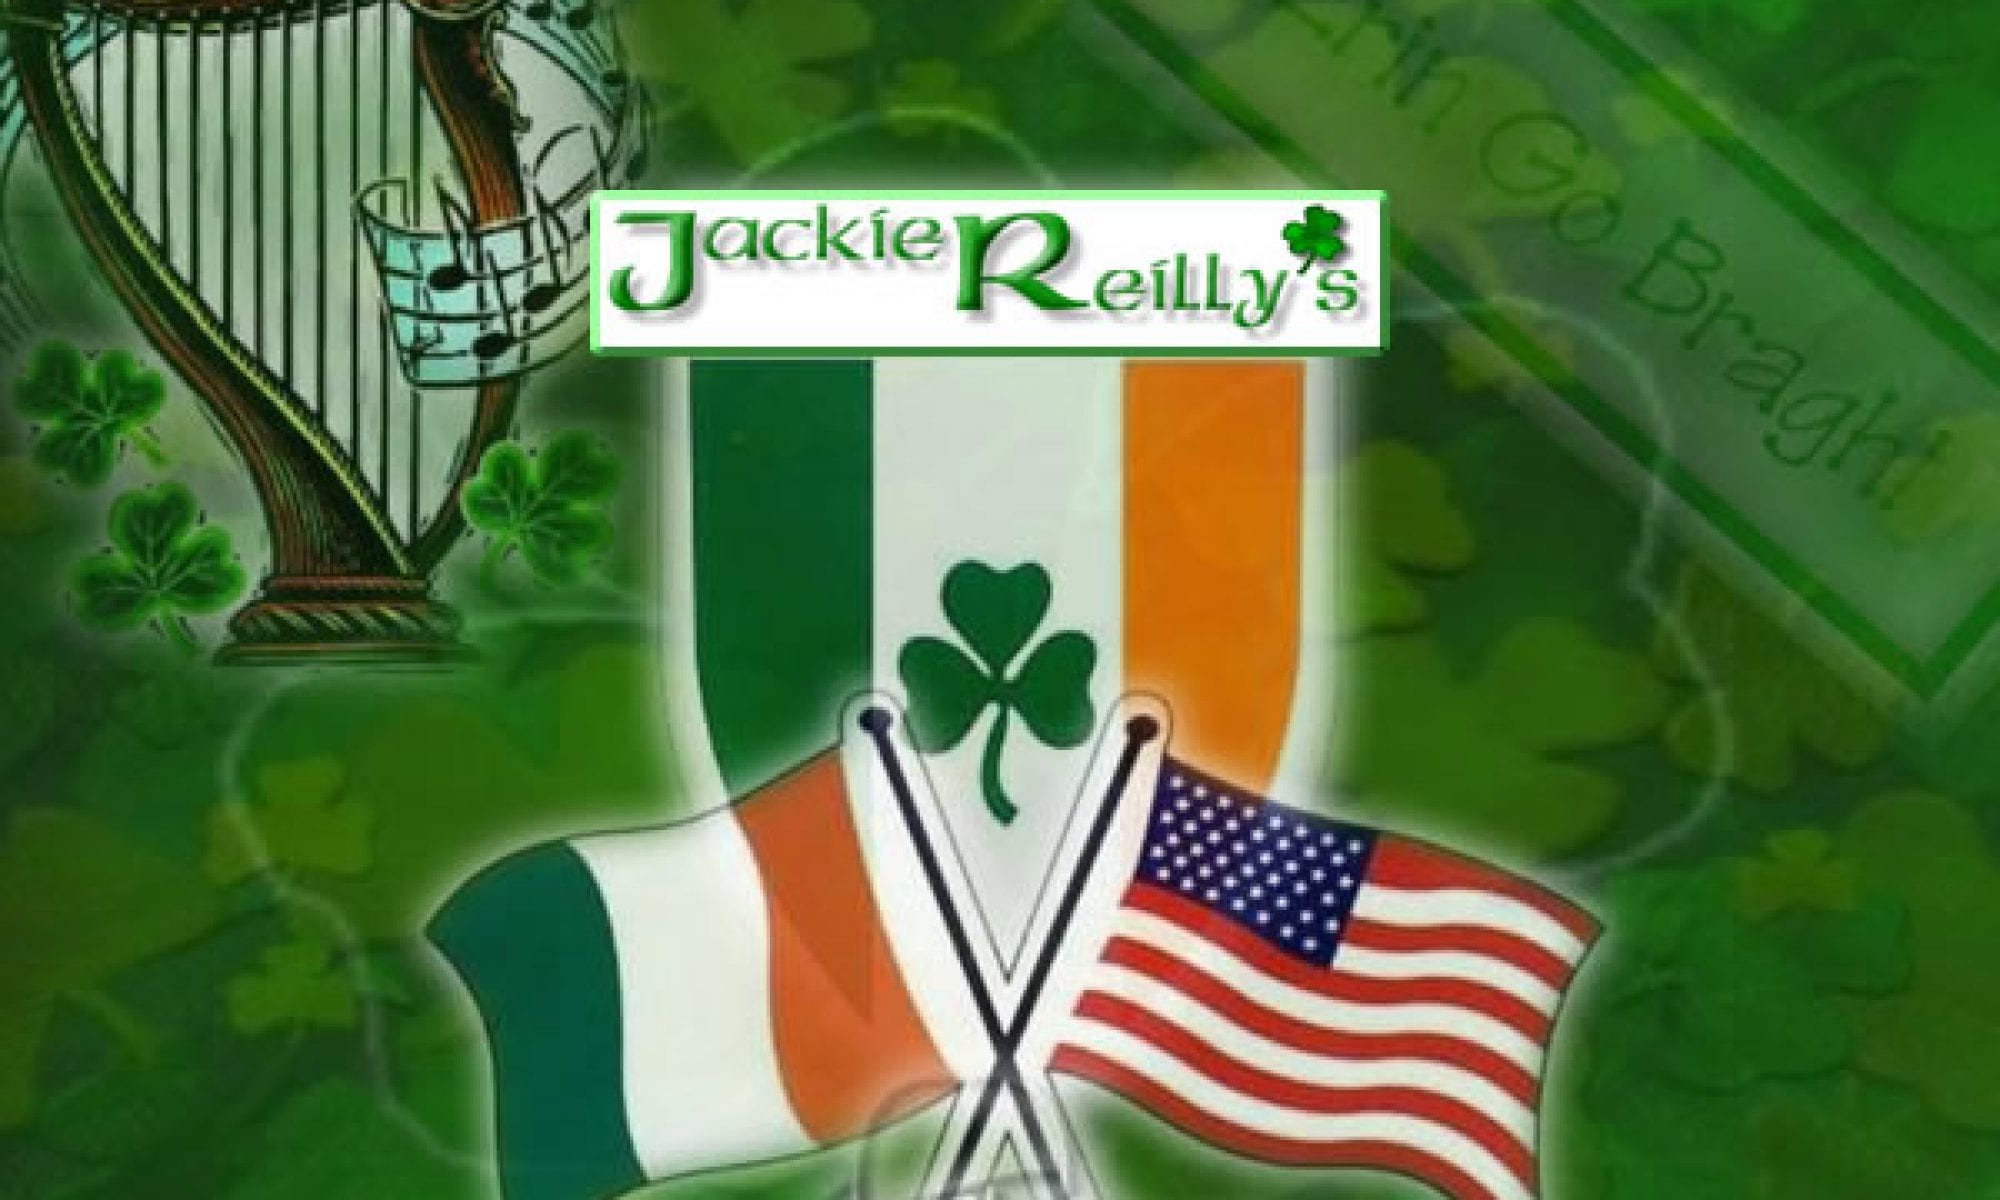 Jackie Reillys